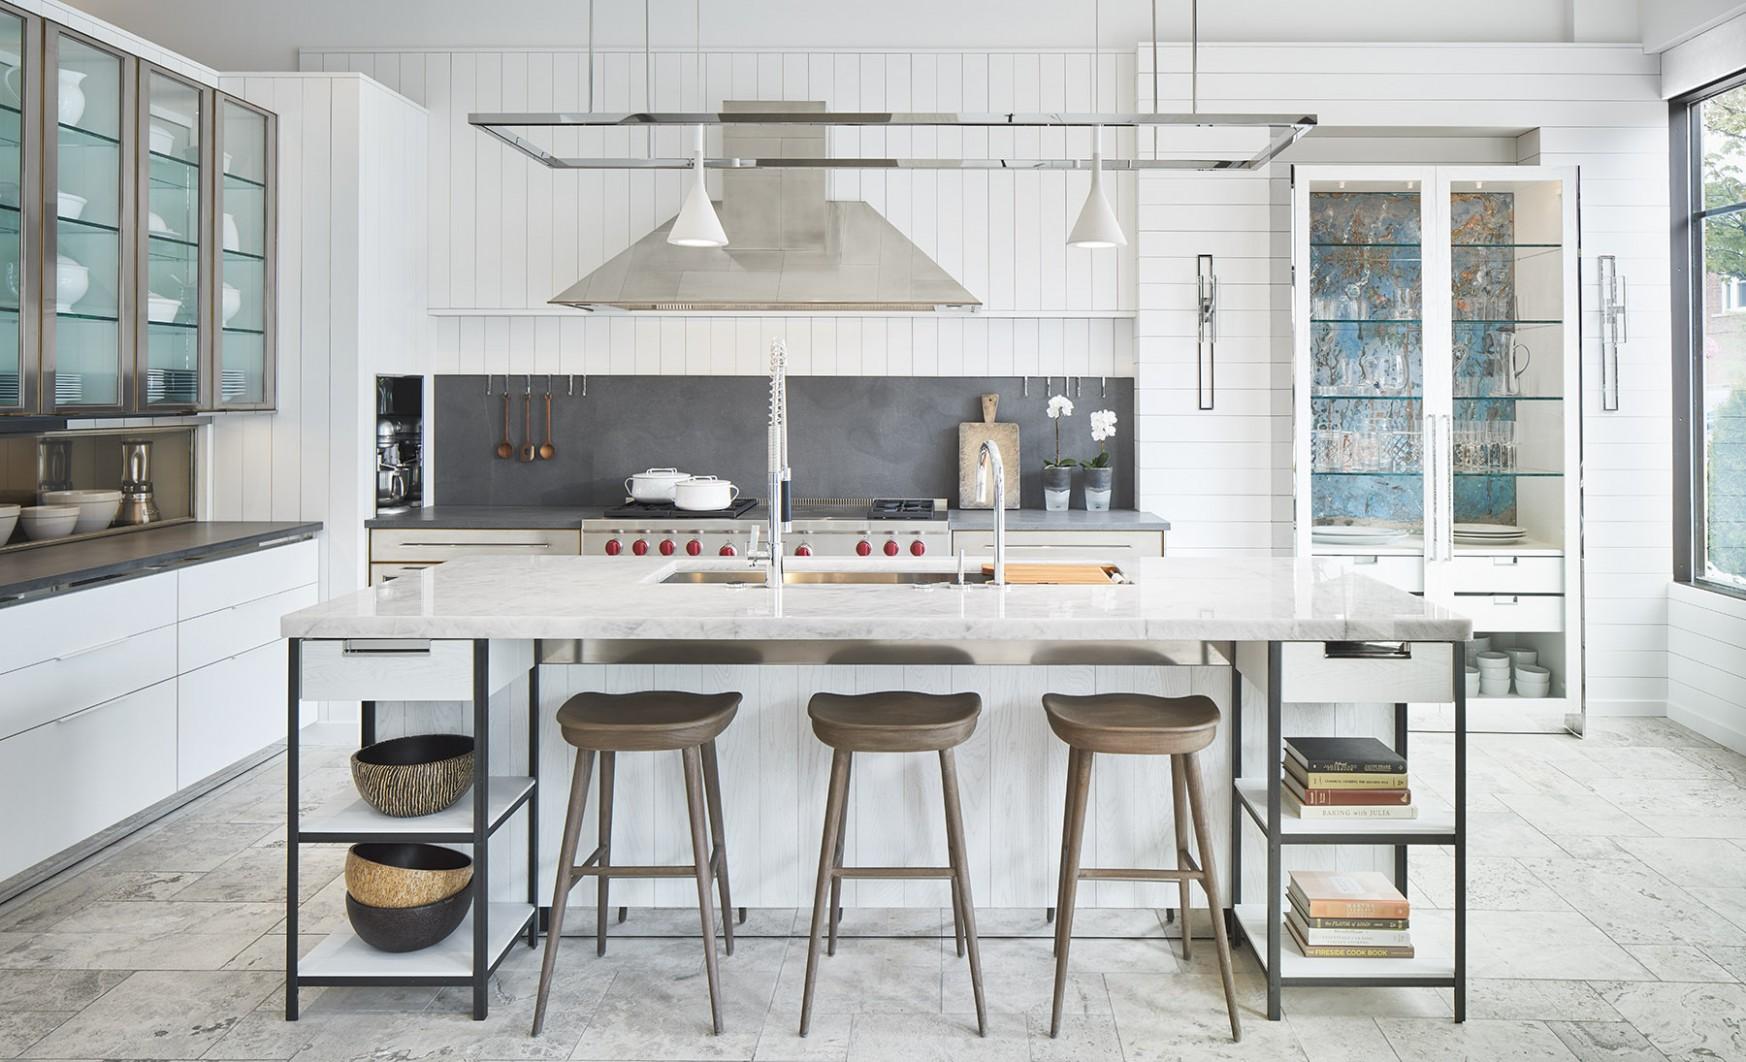 de Giulio - Italian Kitchen Cabinets In Chicago